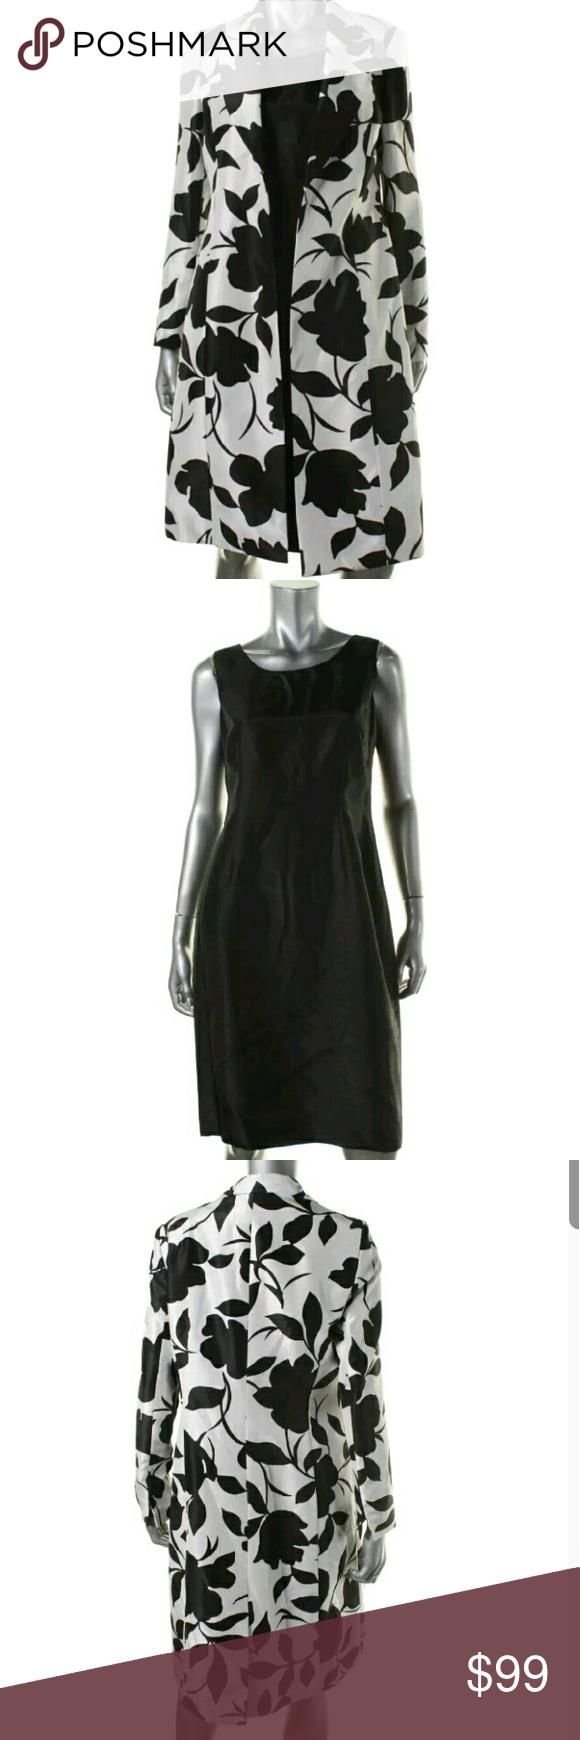 Nwt Dress Suit Set Coat And Dress Combo Sz 8 Clothes Design Fashion Fashion Design [ 1740 x 580 Pixel ]